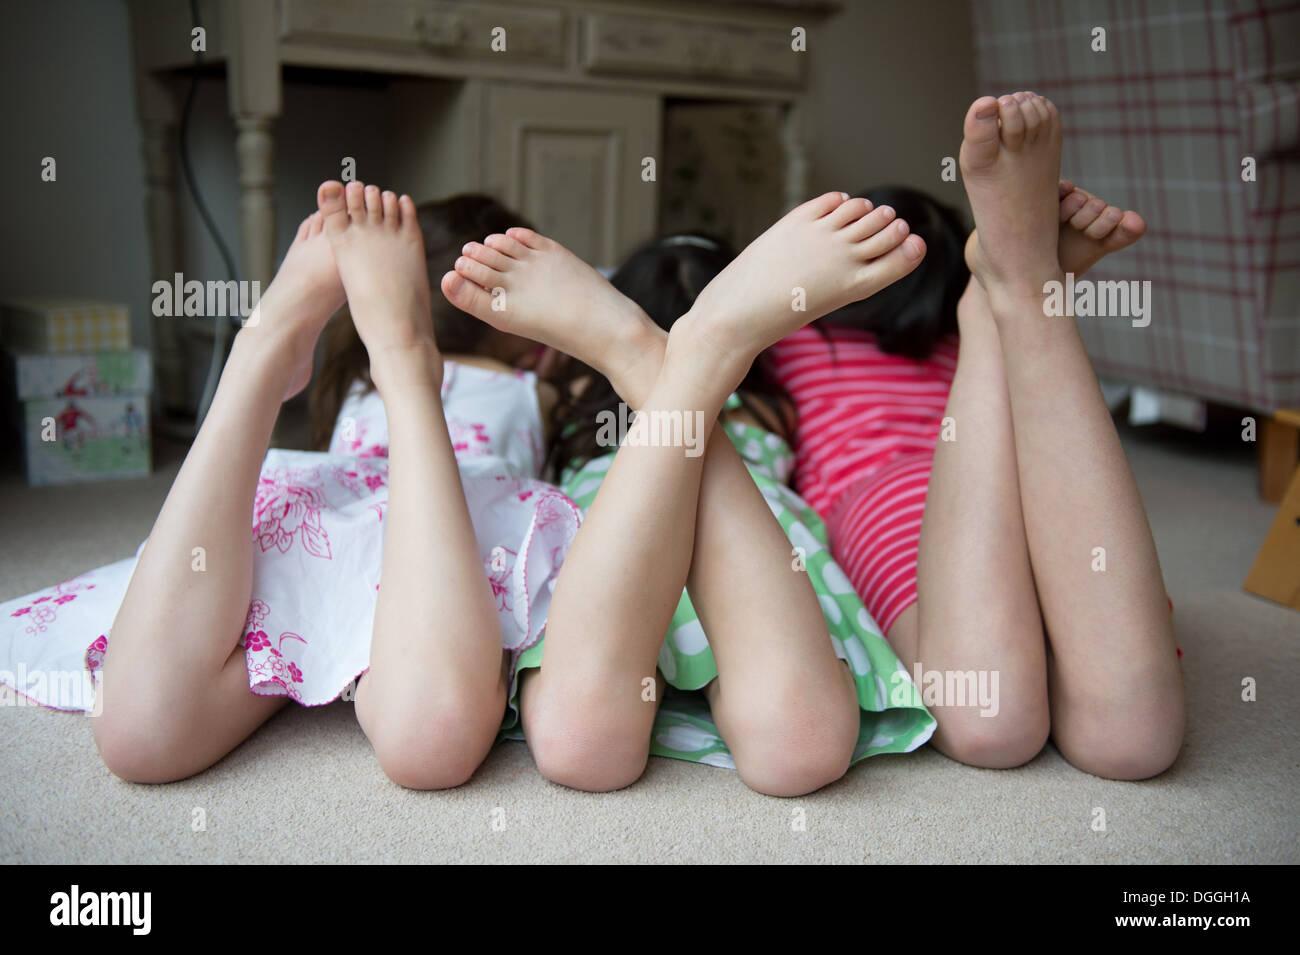 feet girls feet